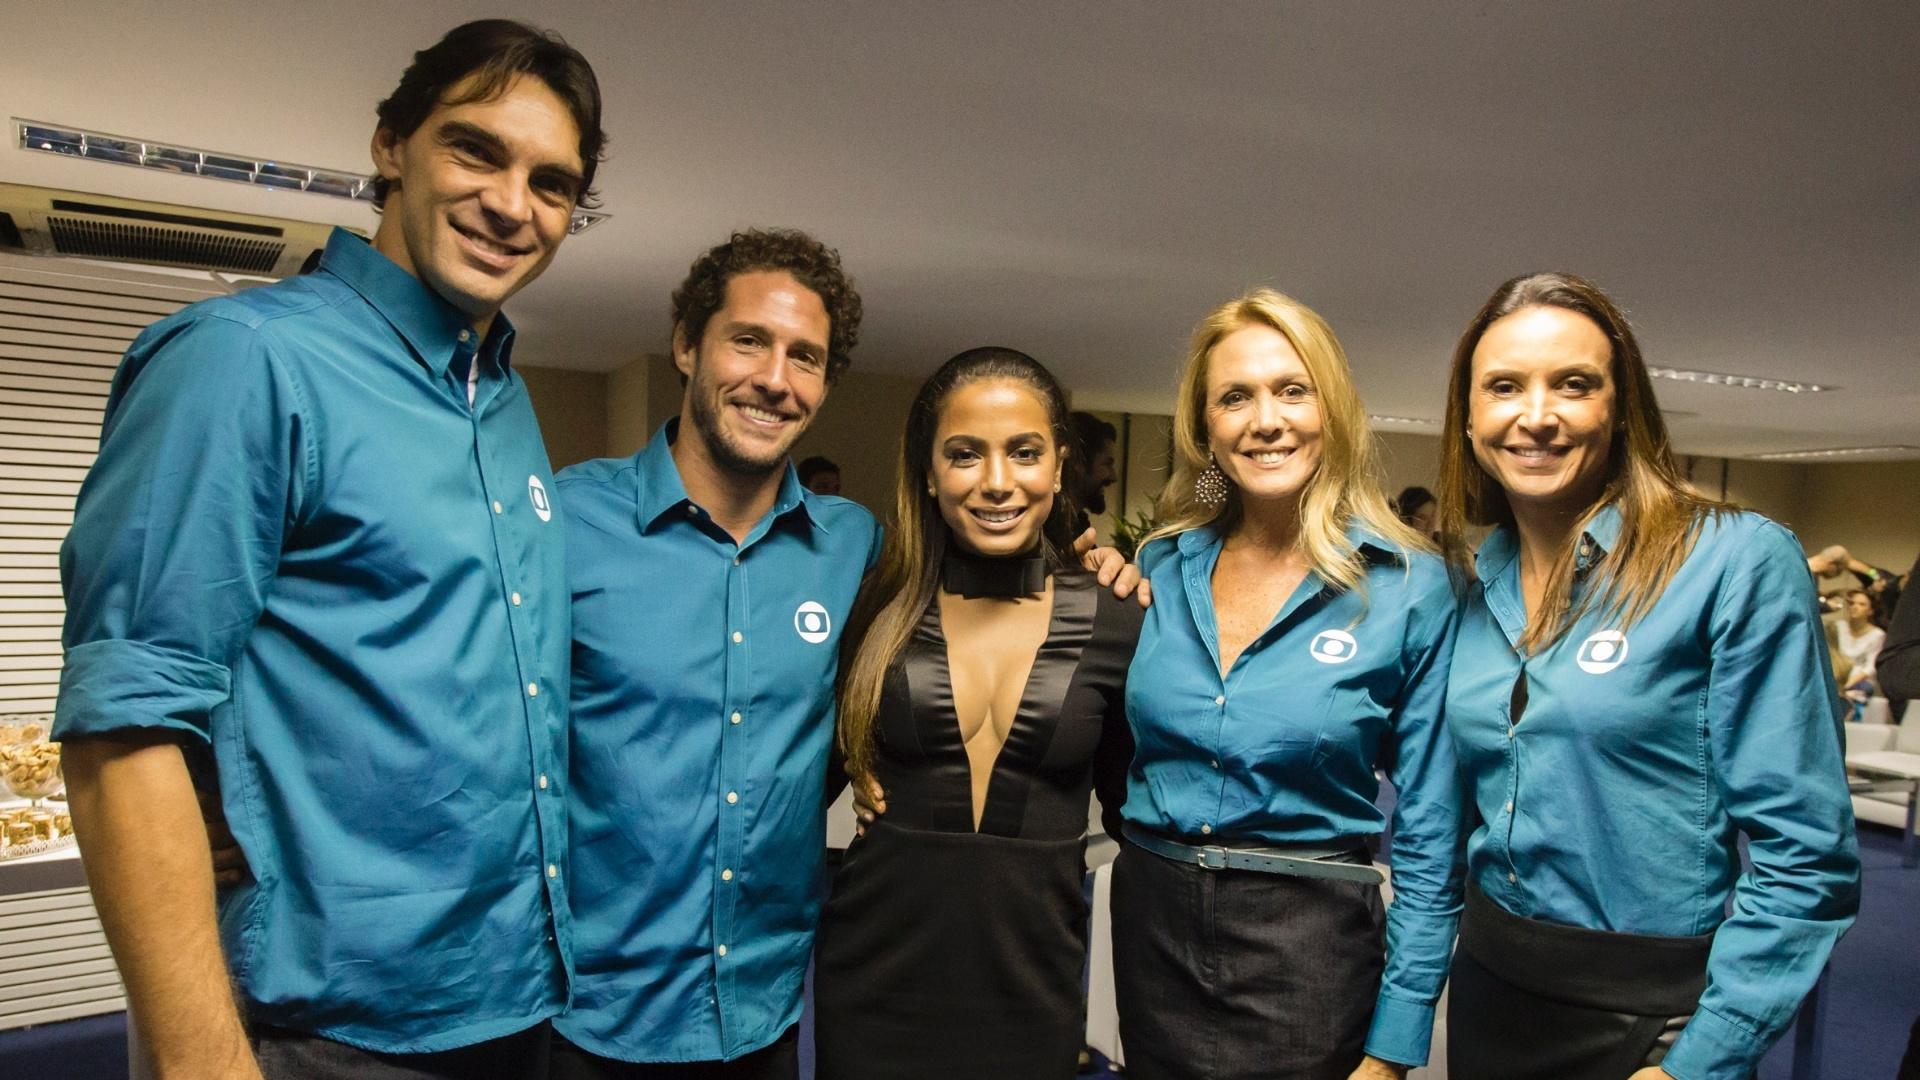 Giba, Flávio Canto, Anitta, Hortência e Maurren Maggi se encontram nos bastidores de gravação do Show Globo 50 anos